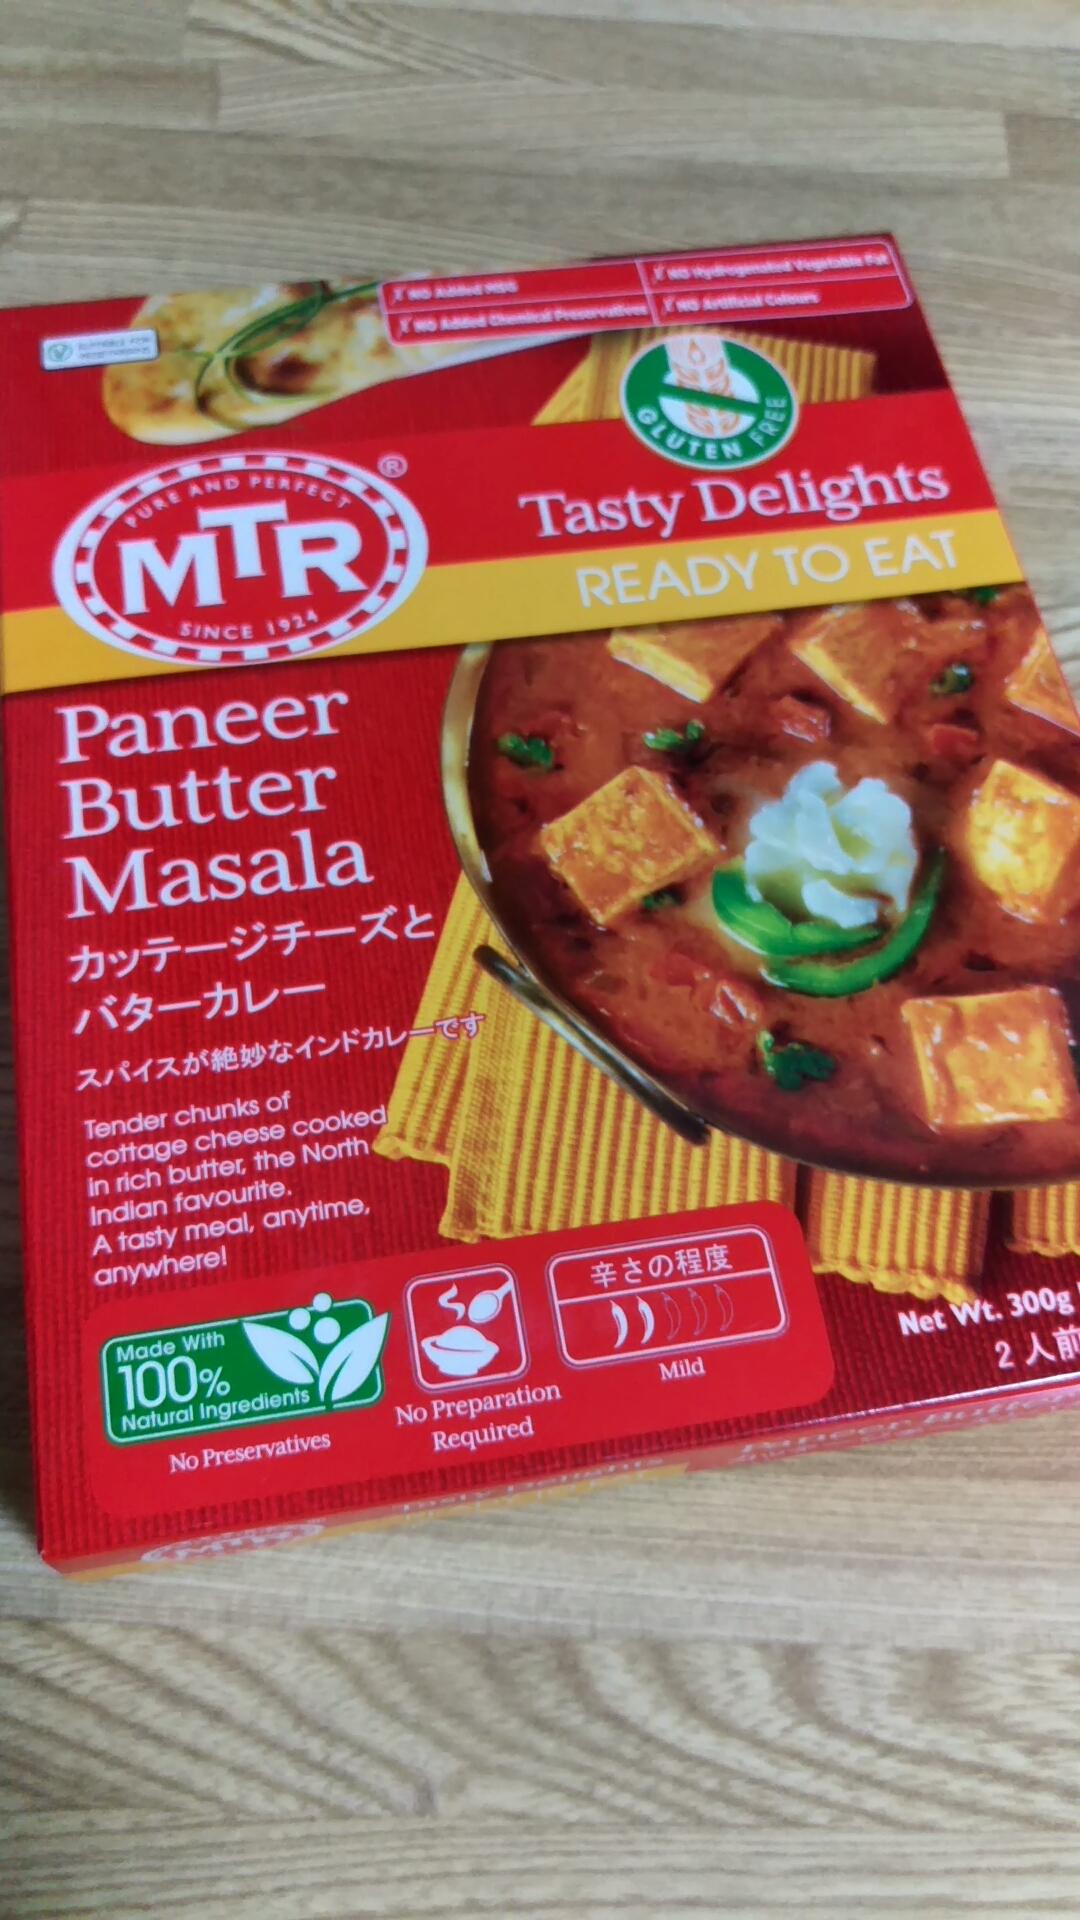 カッテージチーズとバターカレーのレトルト MTR社製